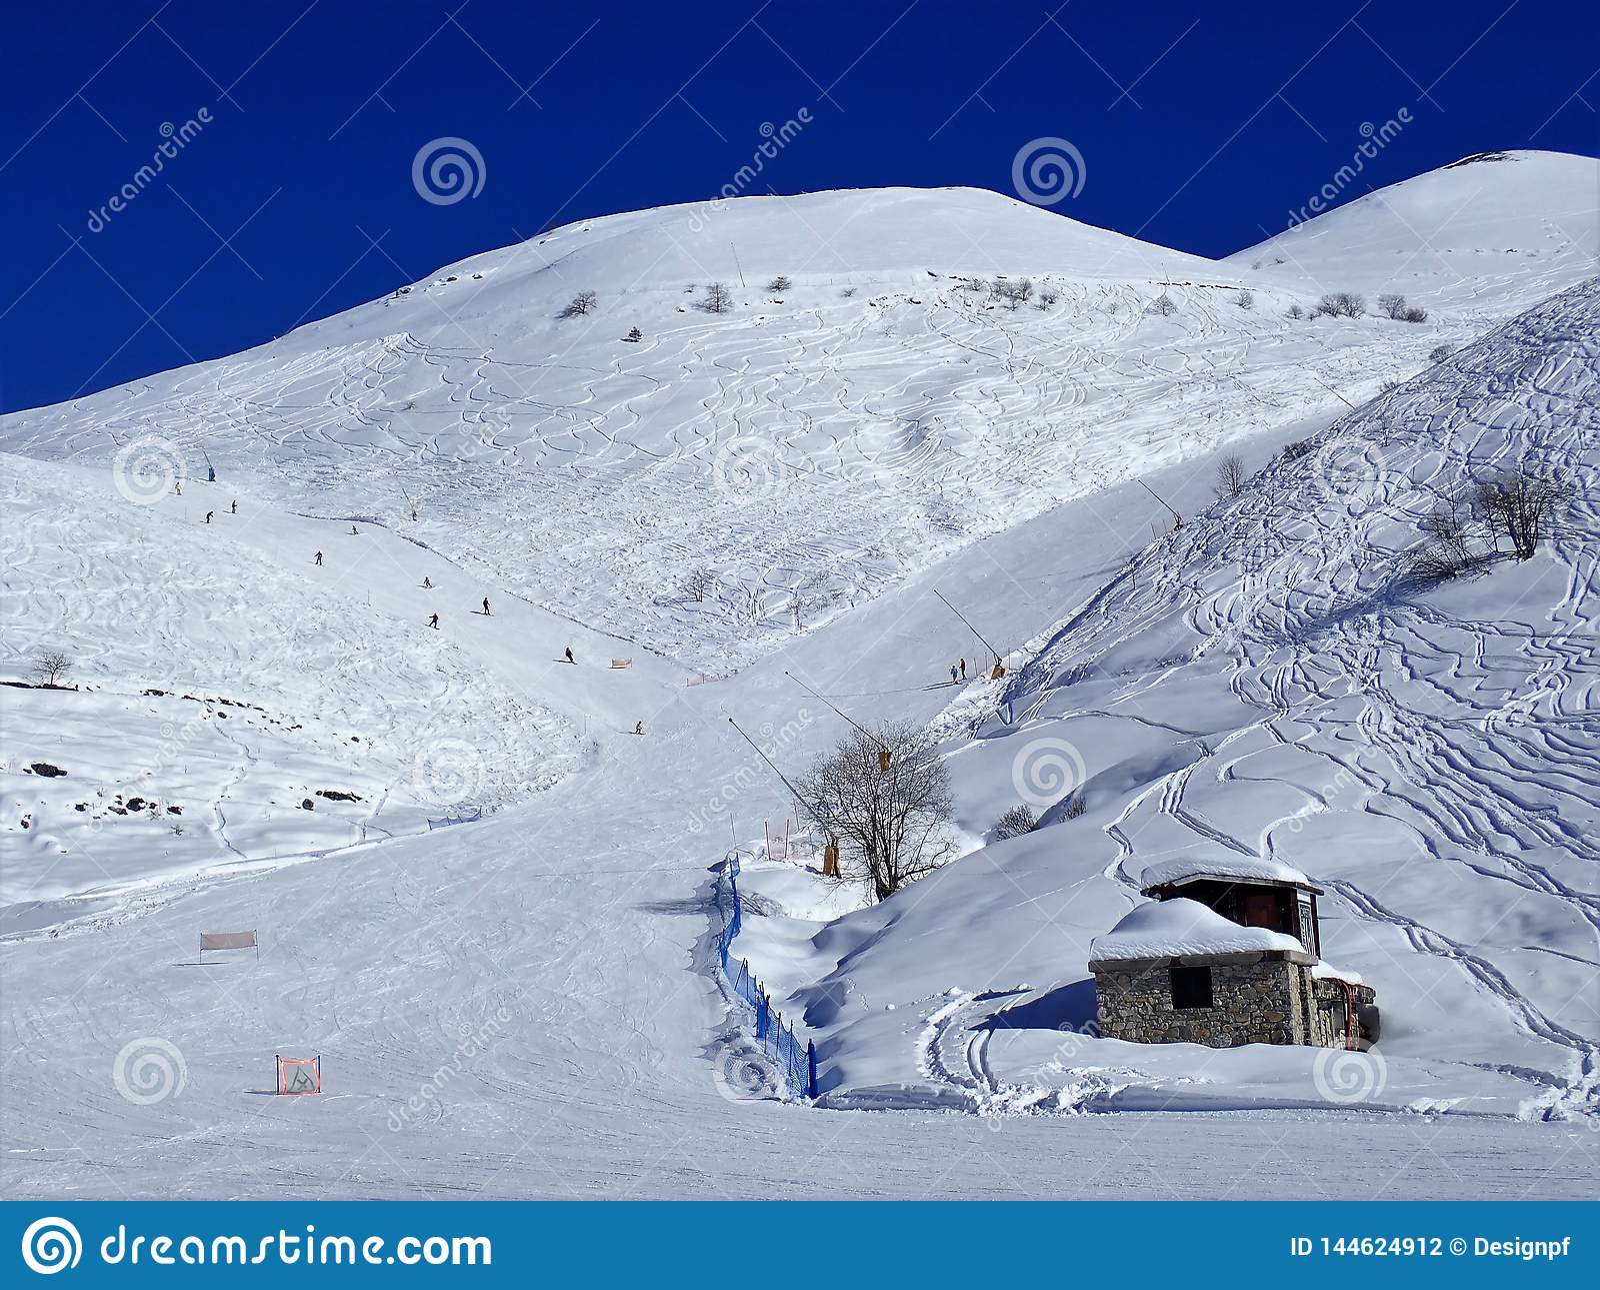 Piste Caudano czerwień i błękitni bieg, Prato Nevoso, prowincja Cuneo, Włochy